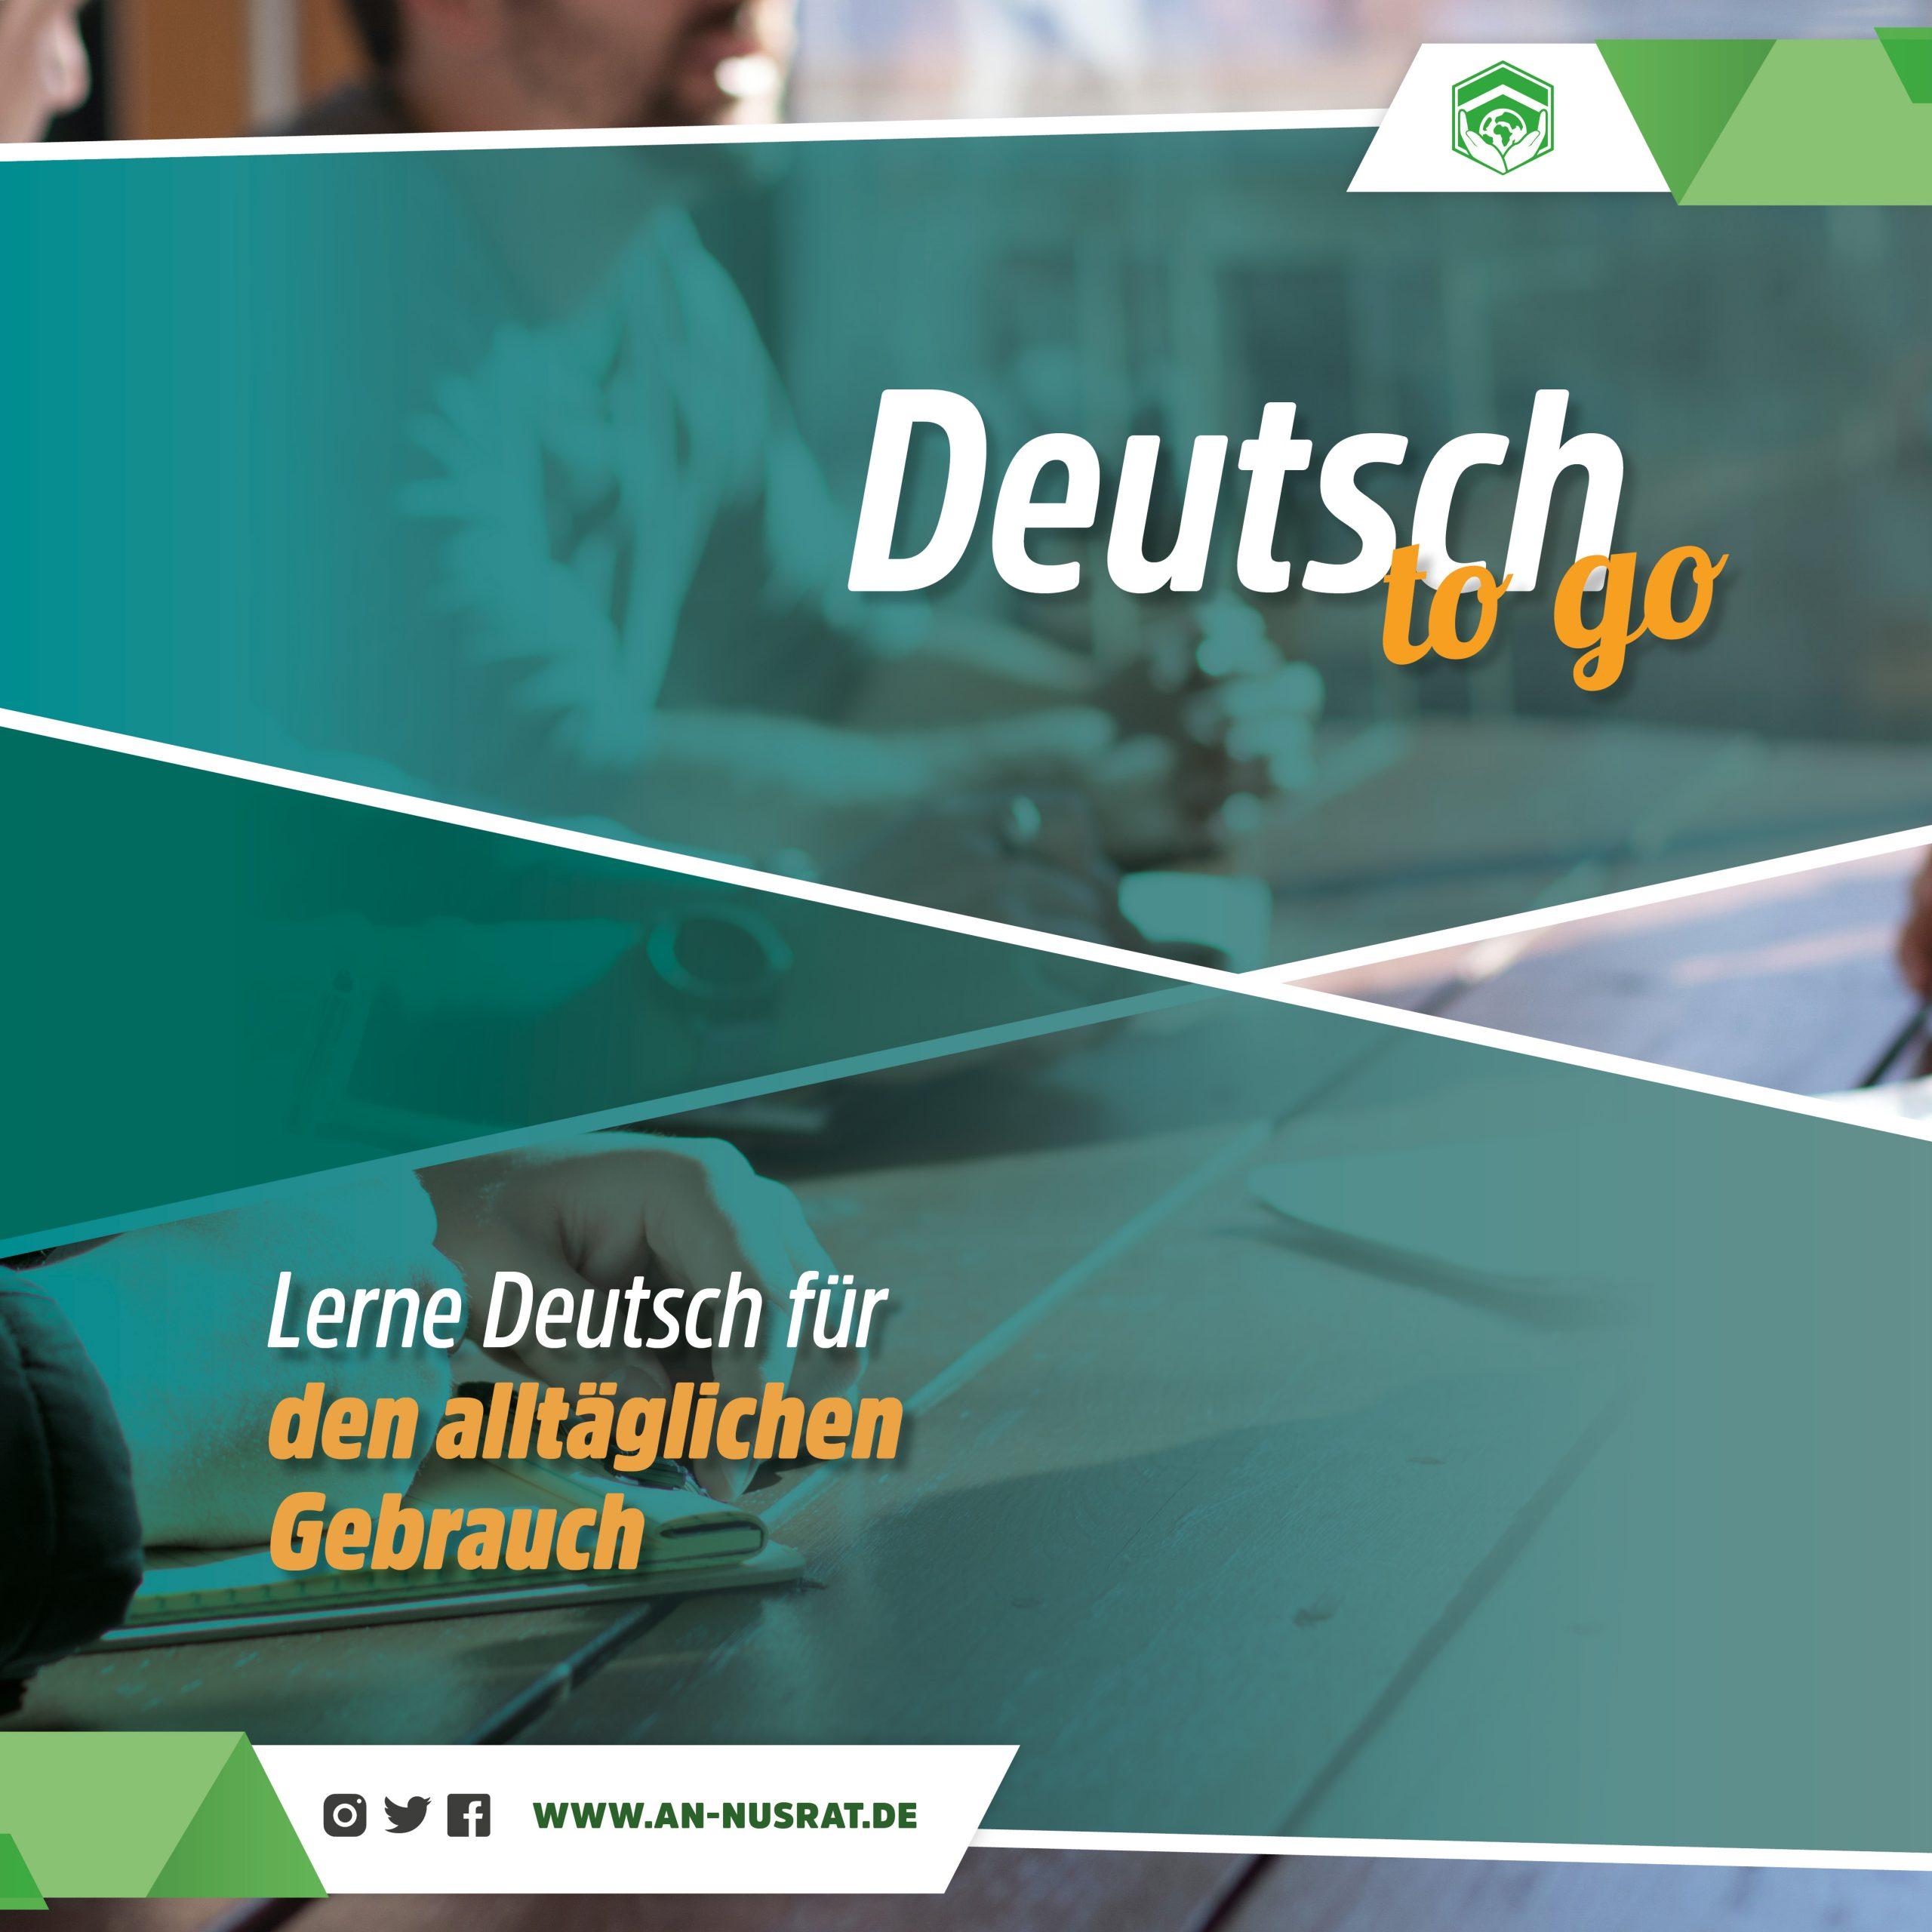 Deutsch2go - lerne Deutsch für den Alltäglichen gebrauch